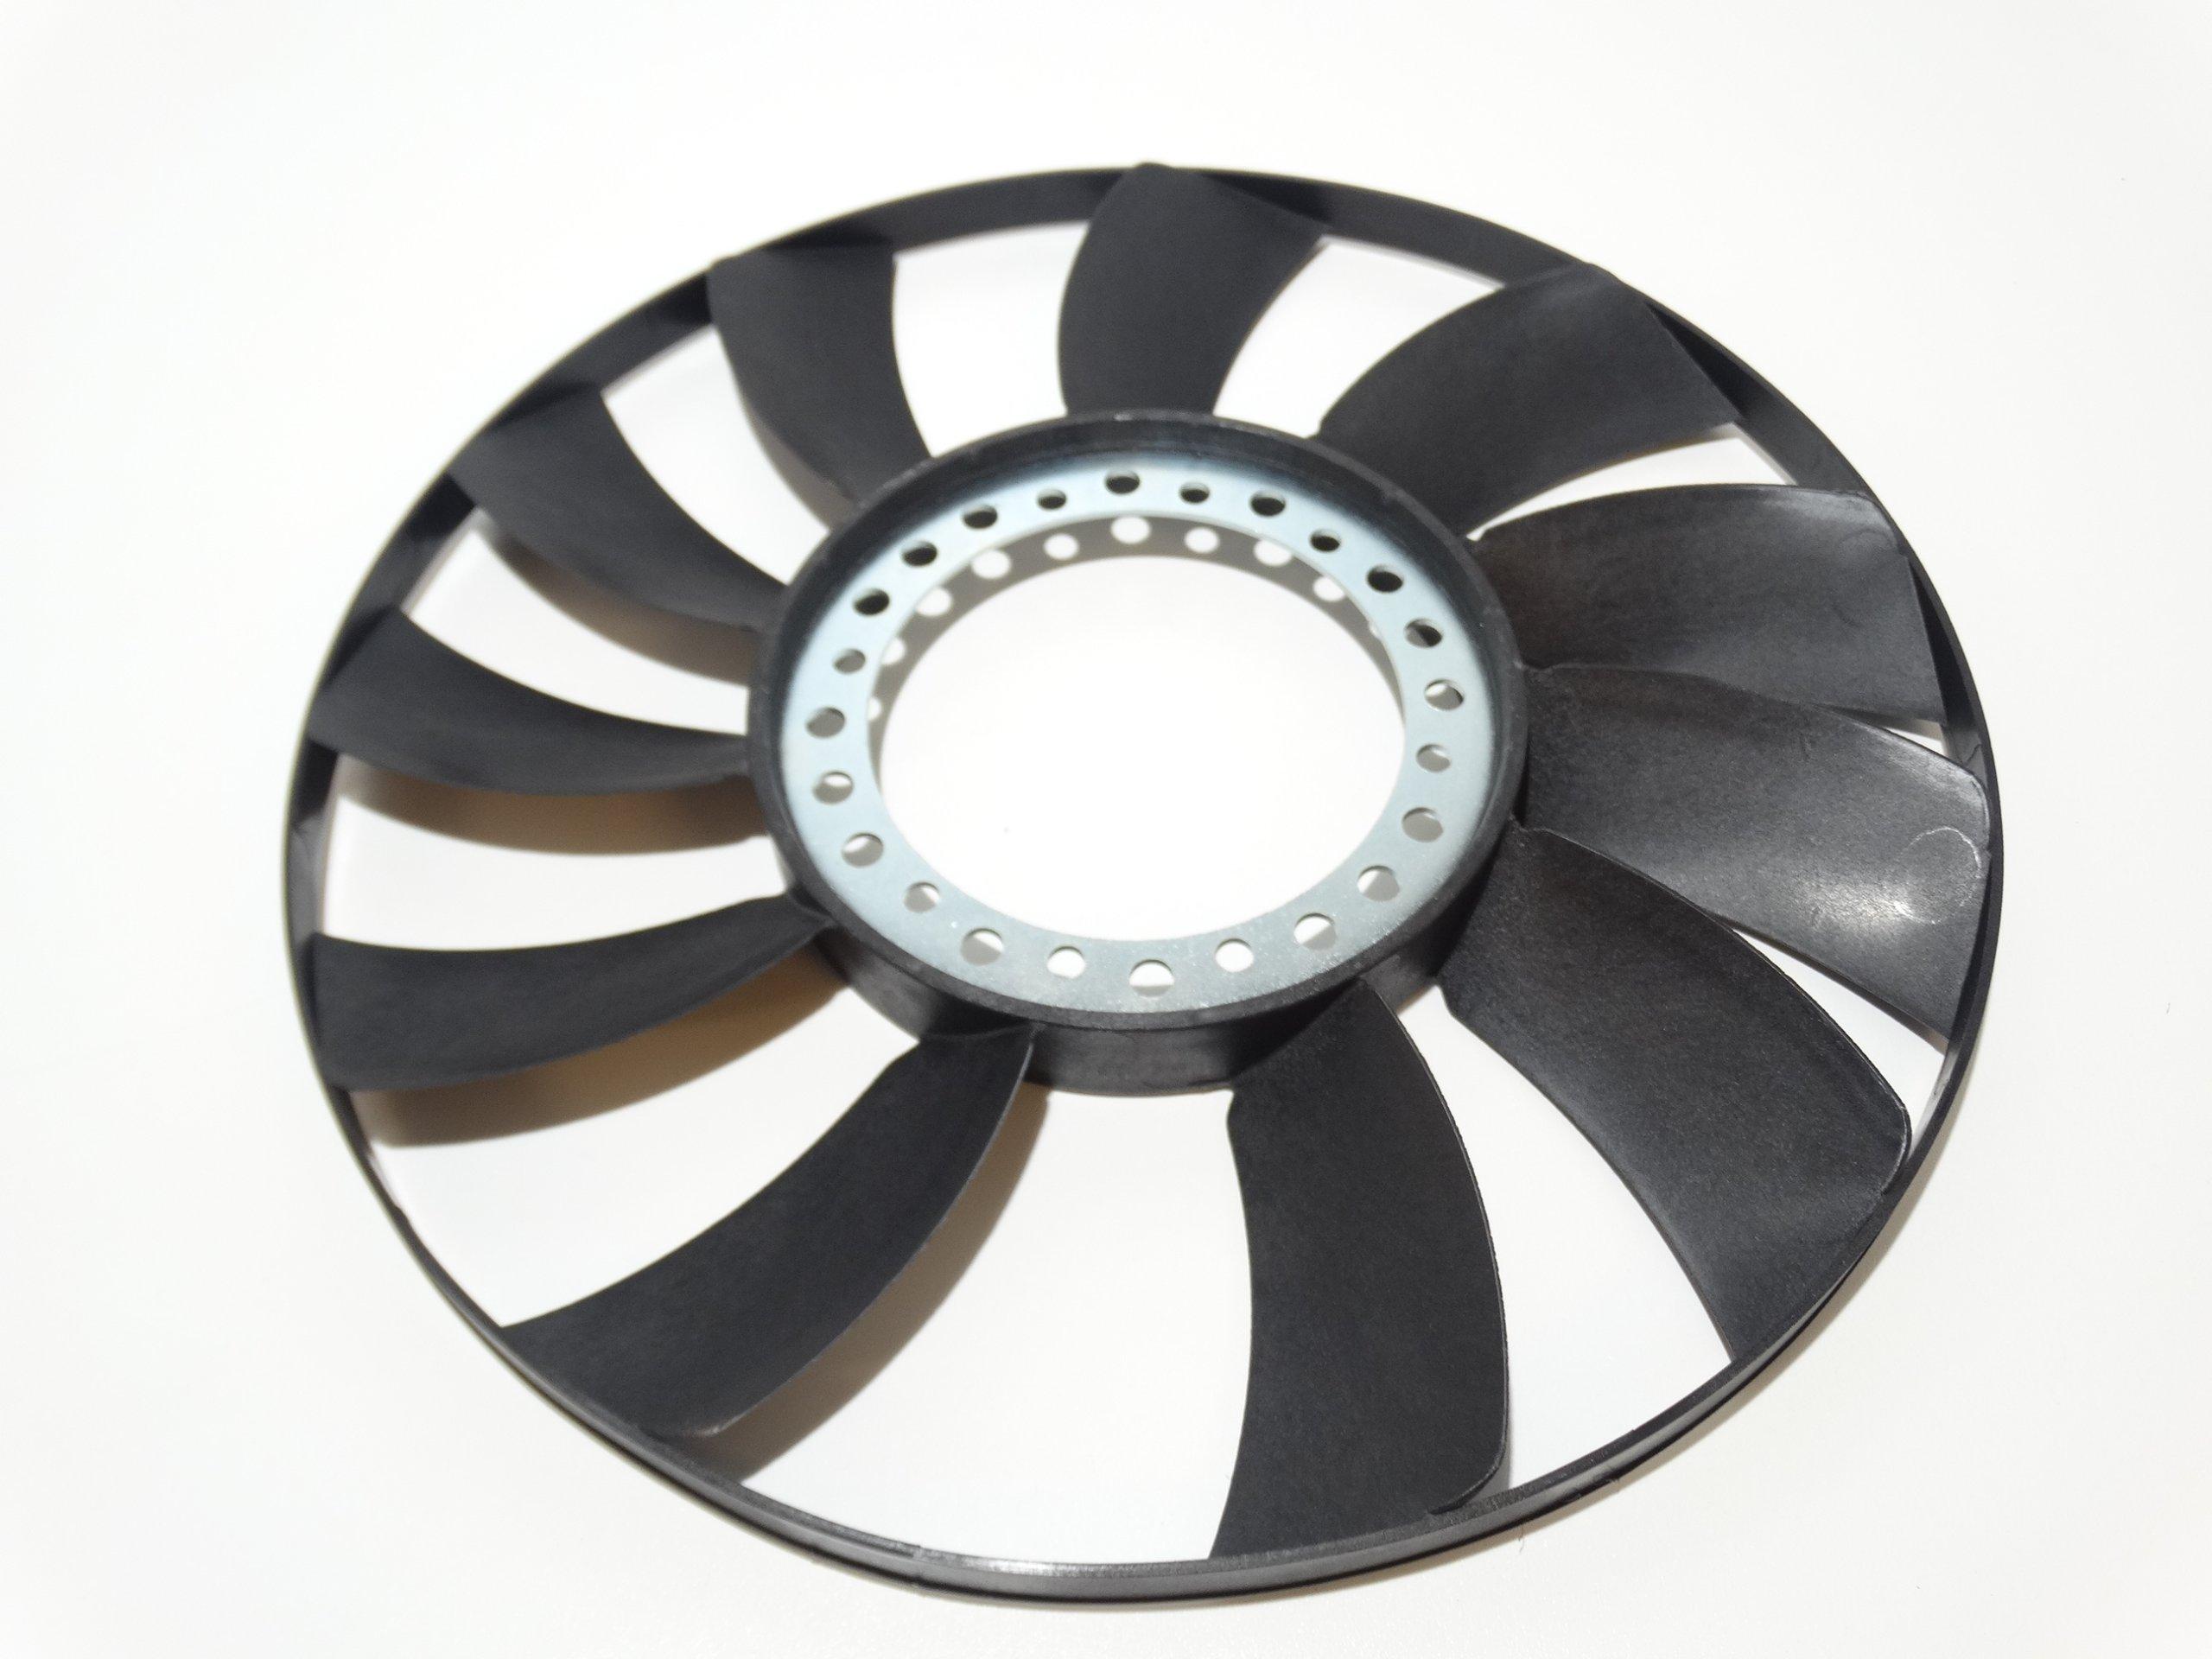 круг вентилятора audi a6 c5 1997-2004 новые